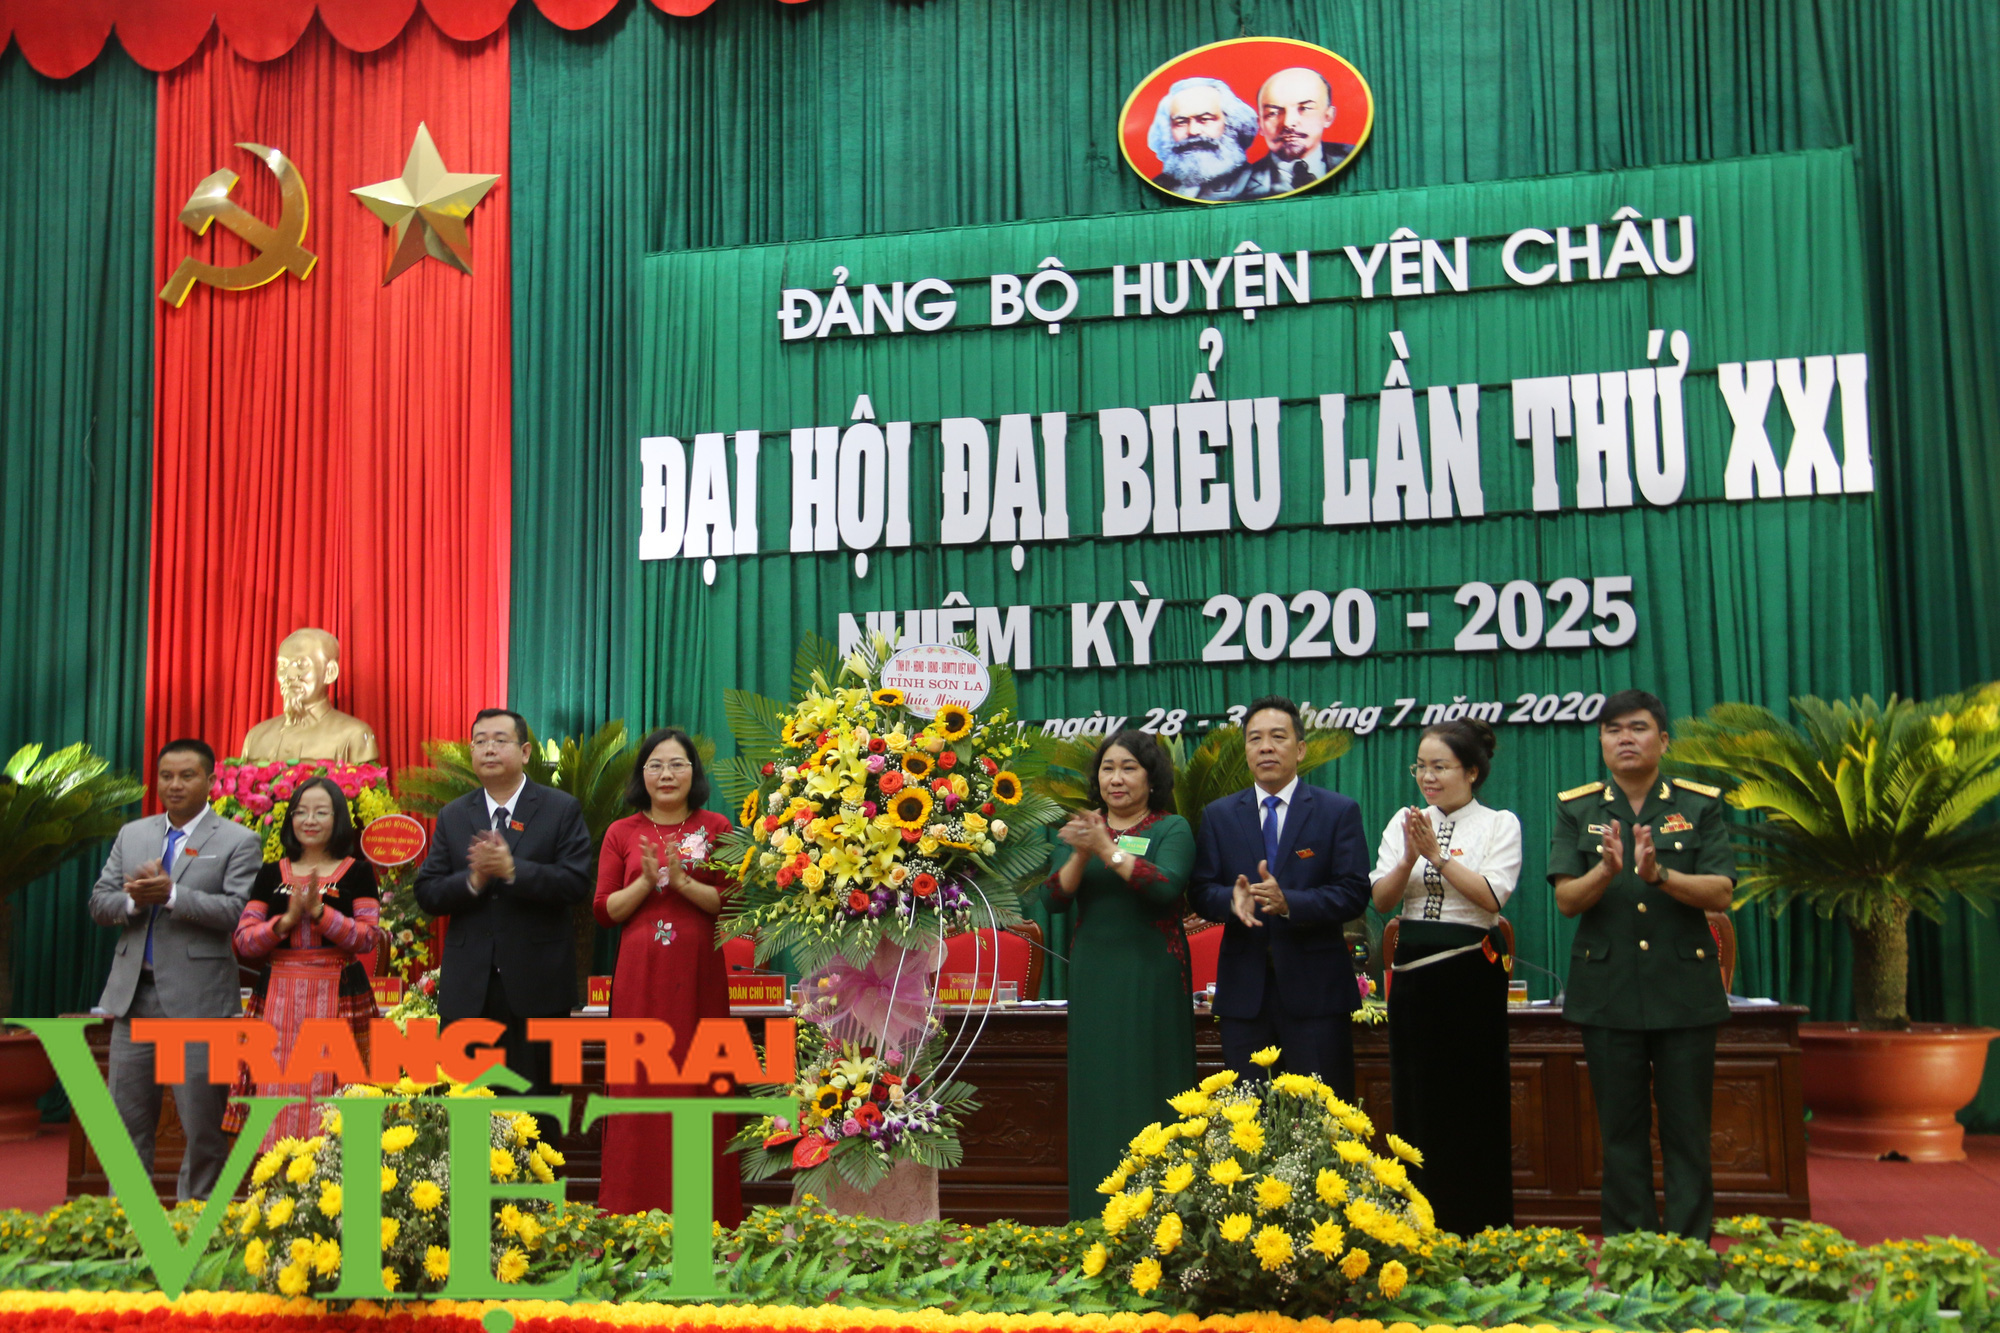 Đảng bộ huyện Yên Châu: Nhiều chỉ tiêu đạt và vượt kế hoạch - Ảnh 1.